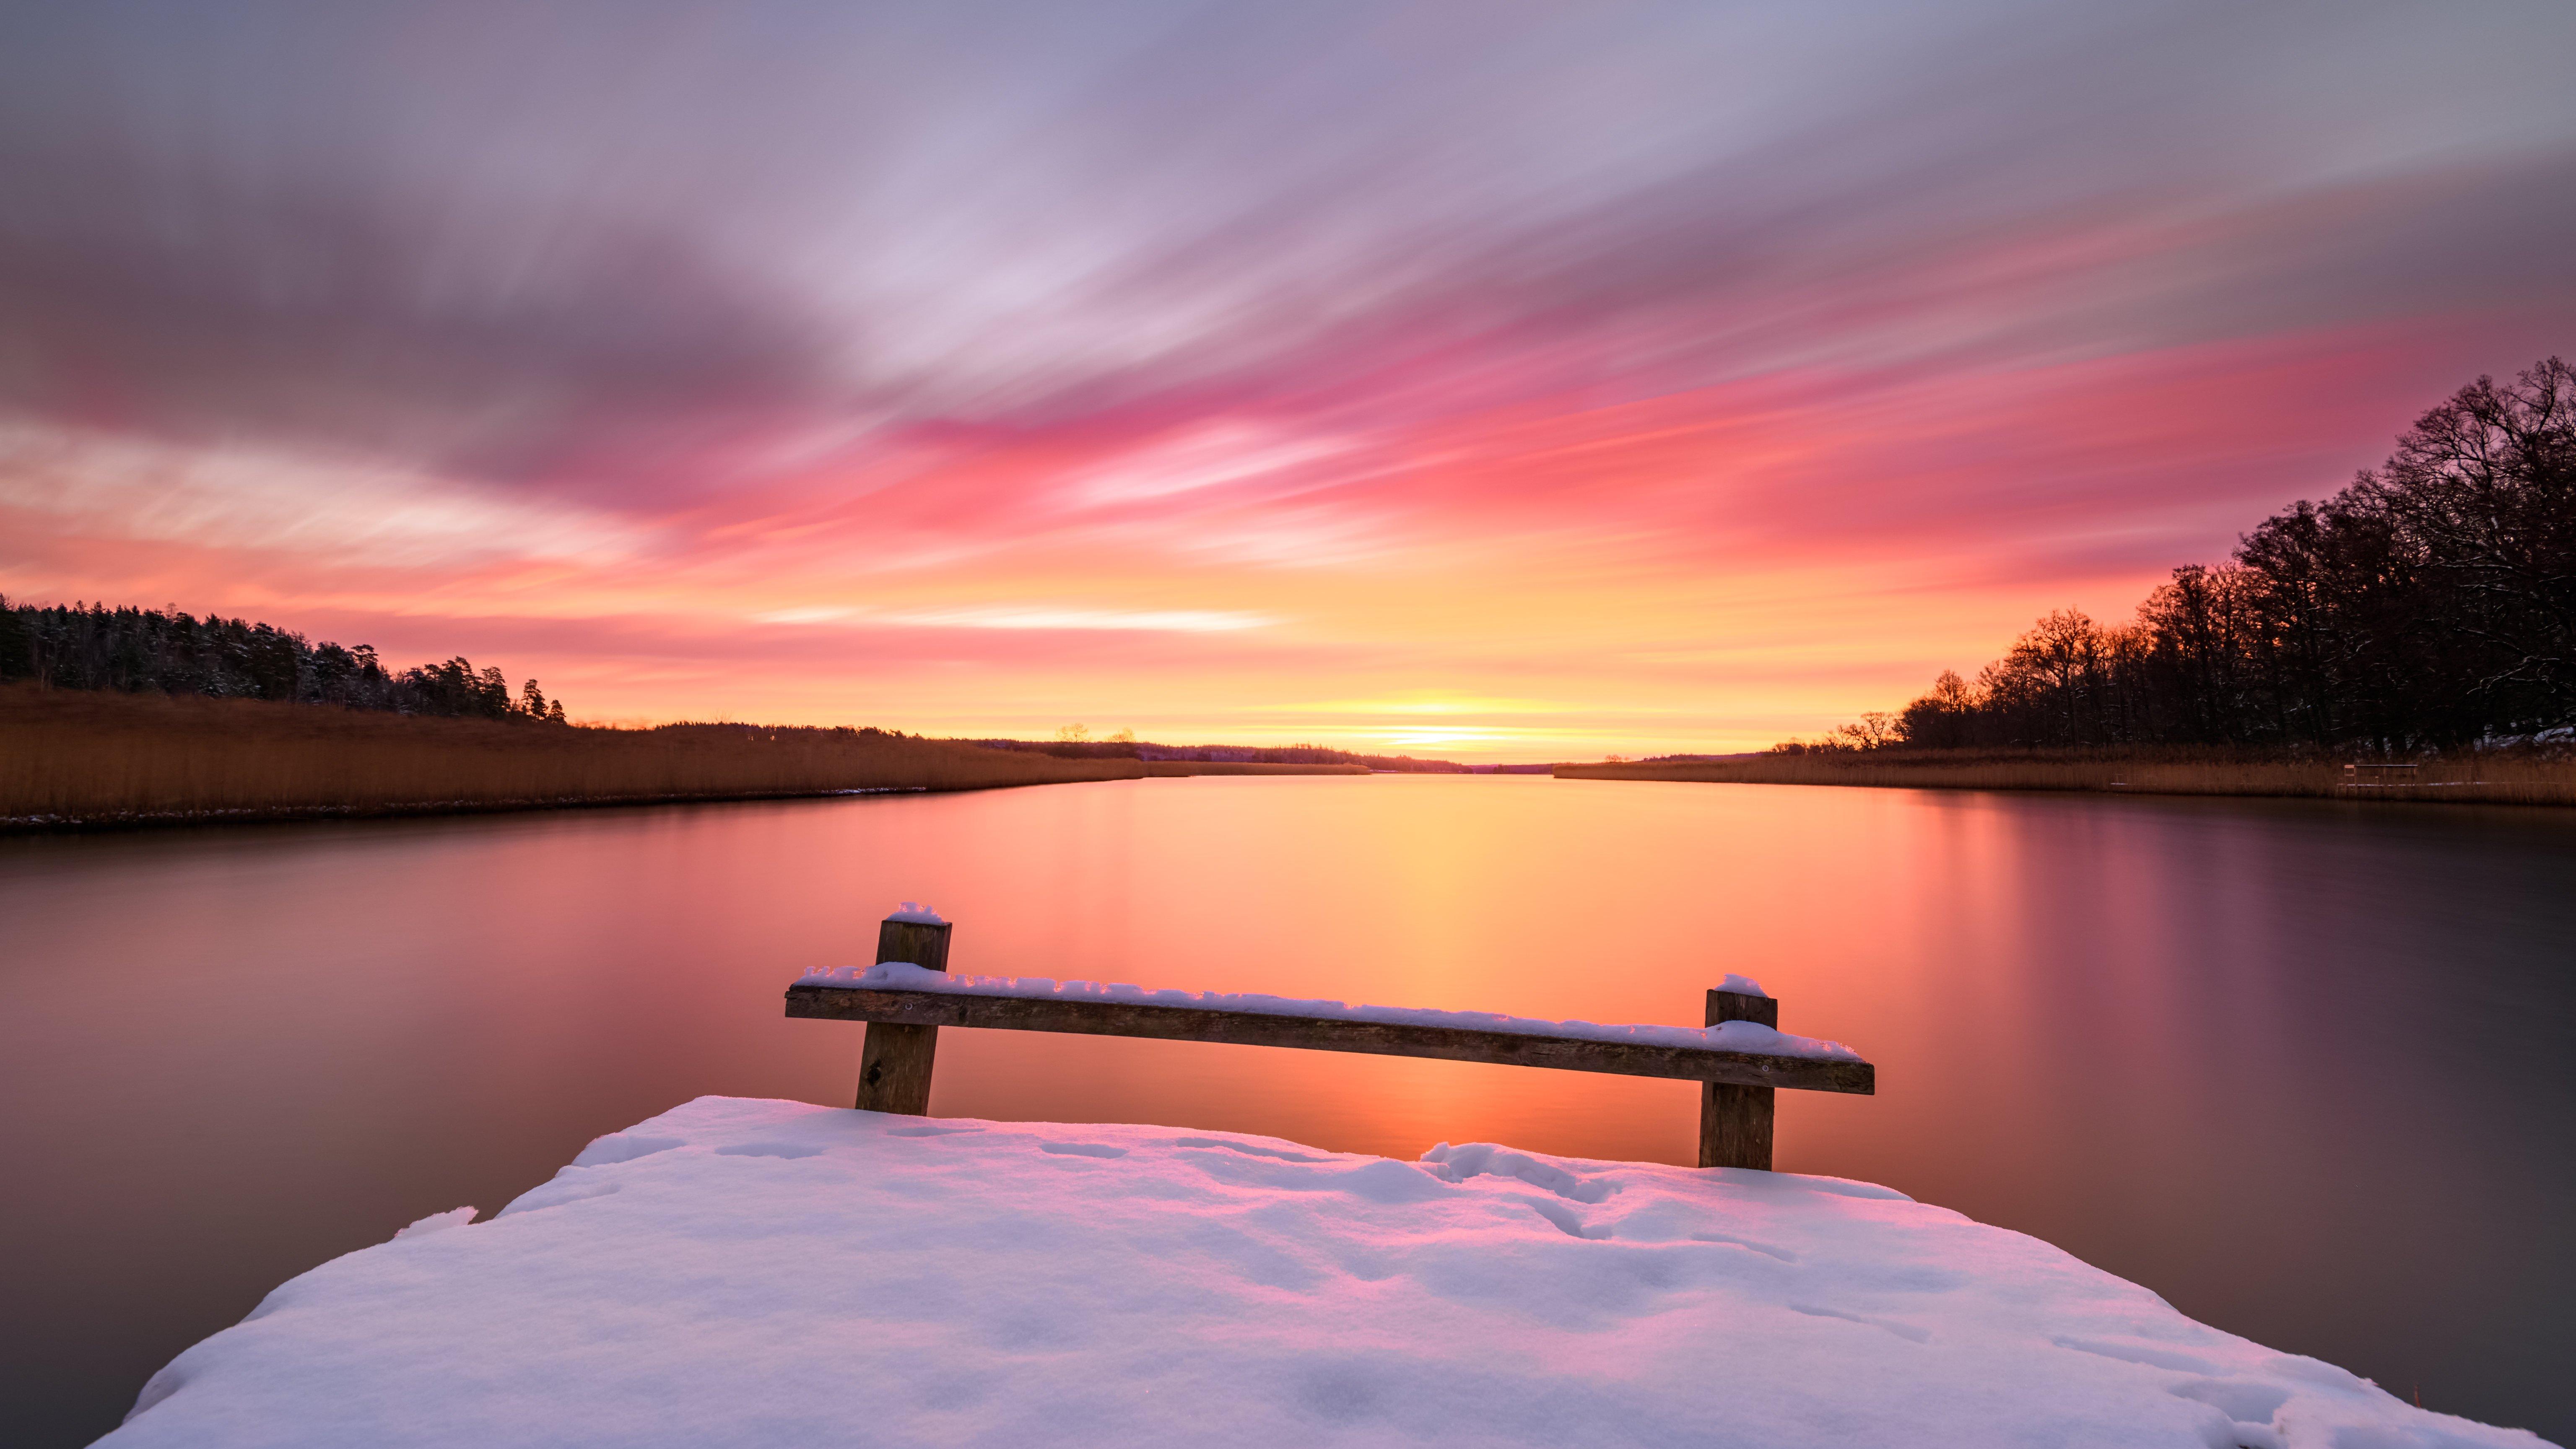 Fondos de pantalla Amanecer en lago con nieve